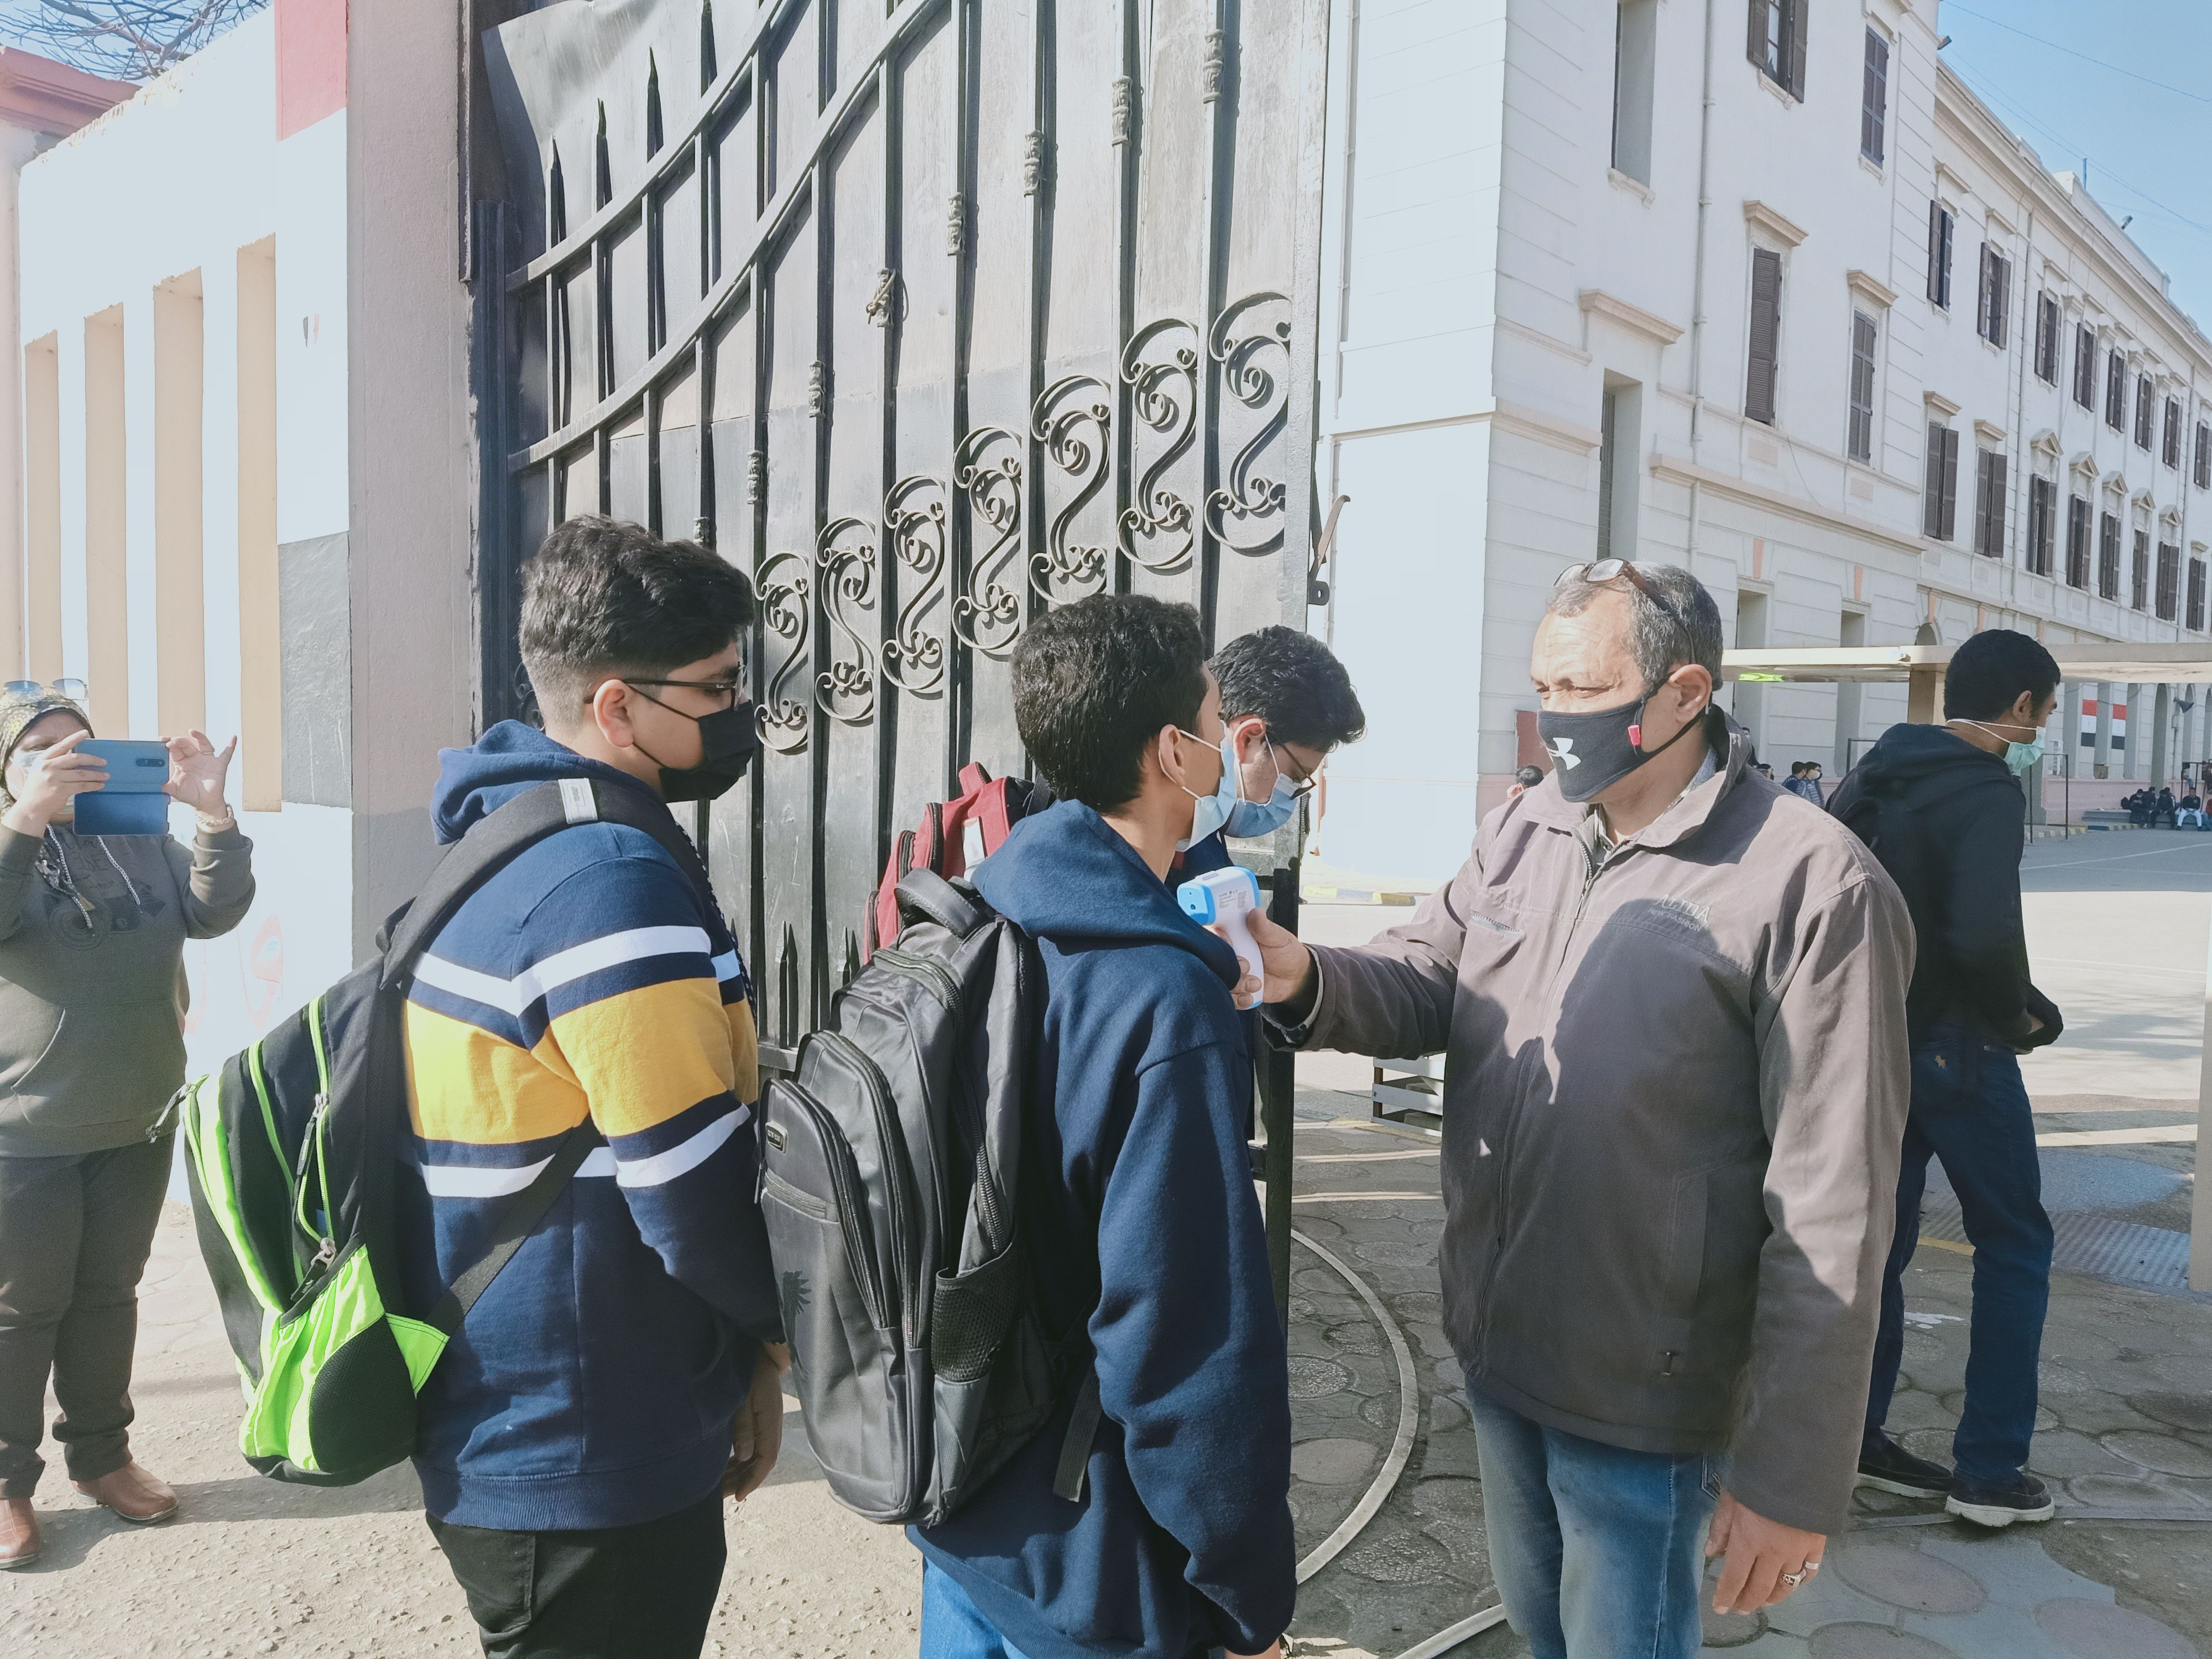 دخول طلاب الأول الثانوى المدارس استعدادا لامتحان التاريخ والكيمياء وسط إجراءات وقائية (1)